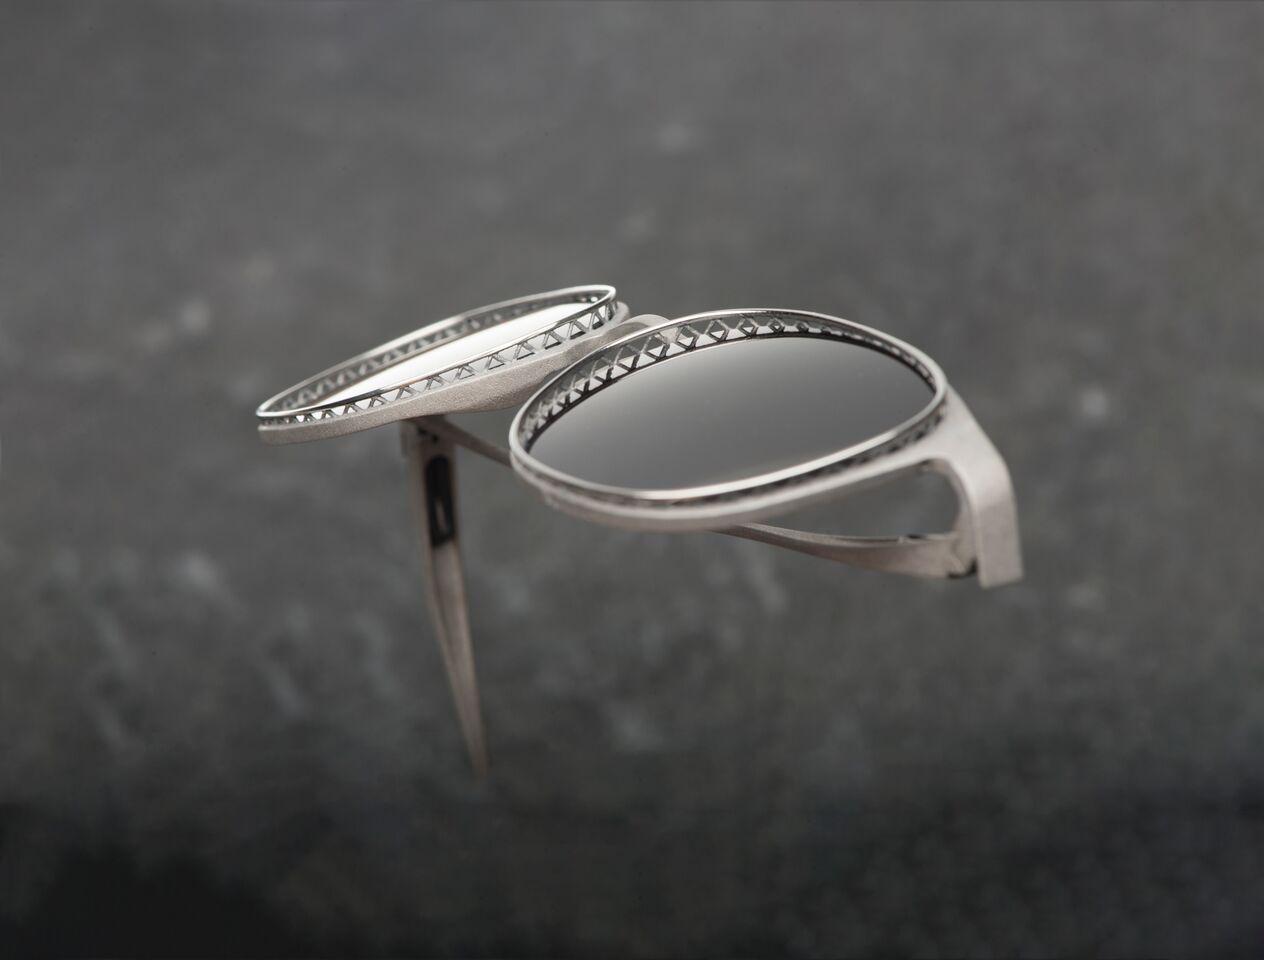 Modell einer Sonnenbrille aus der Kollektion